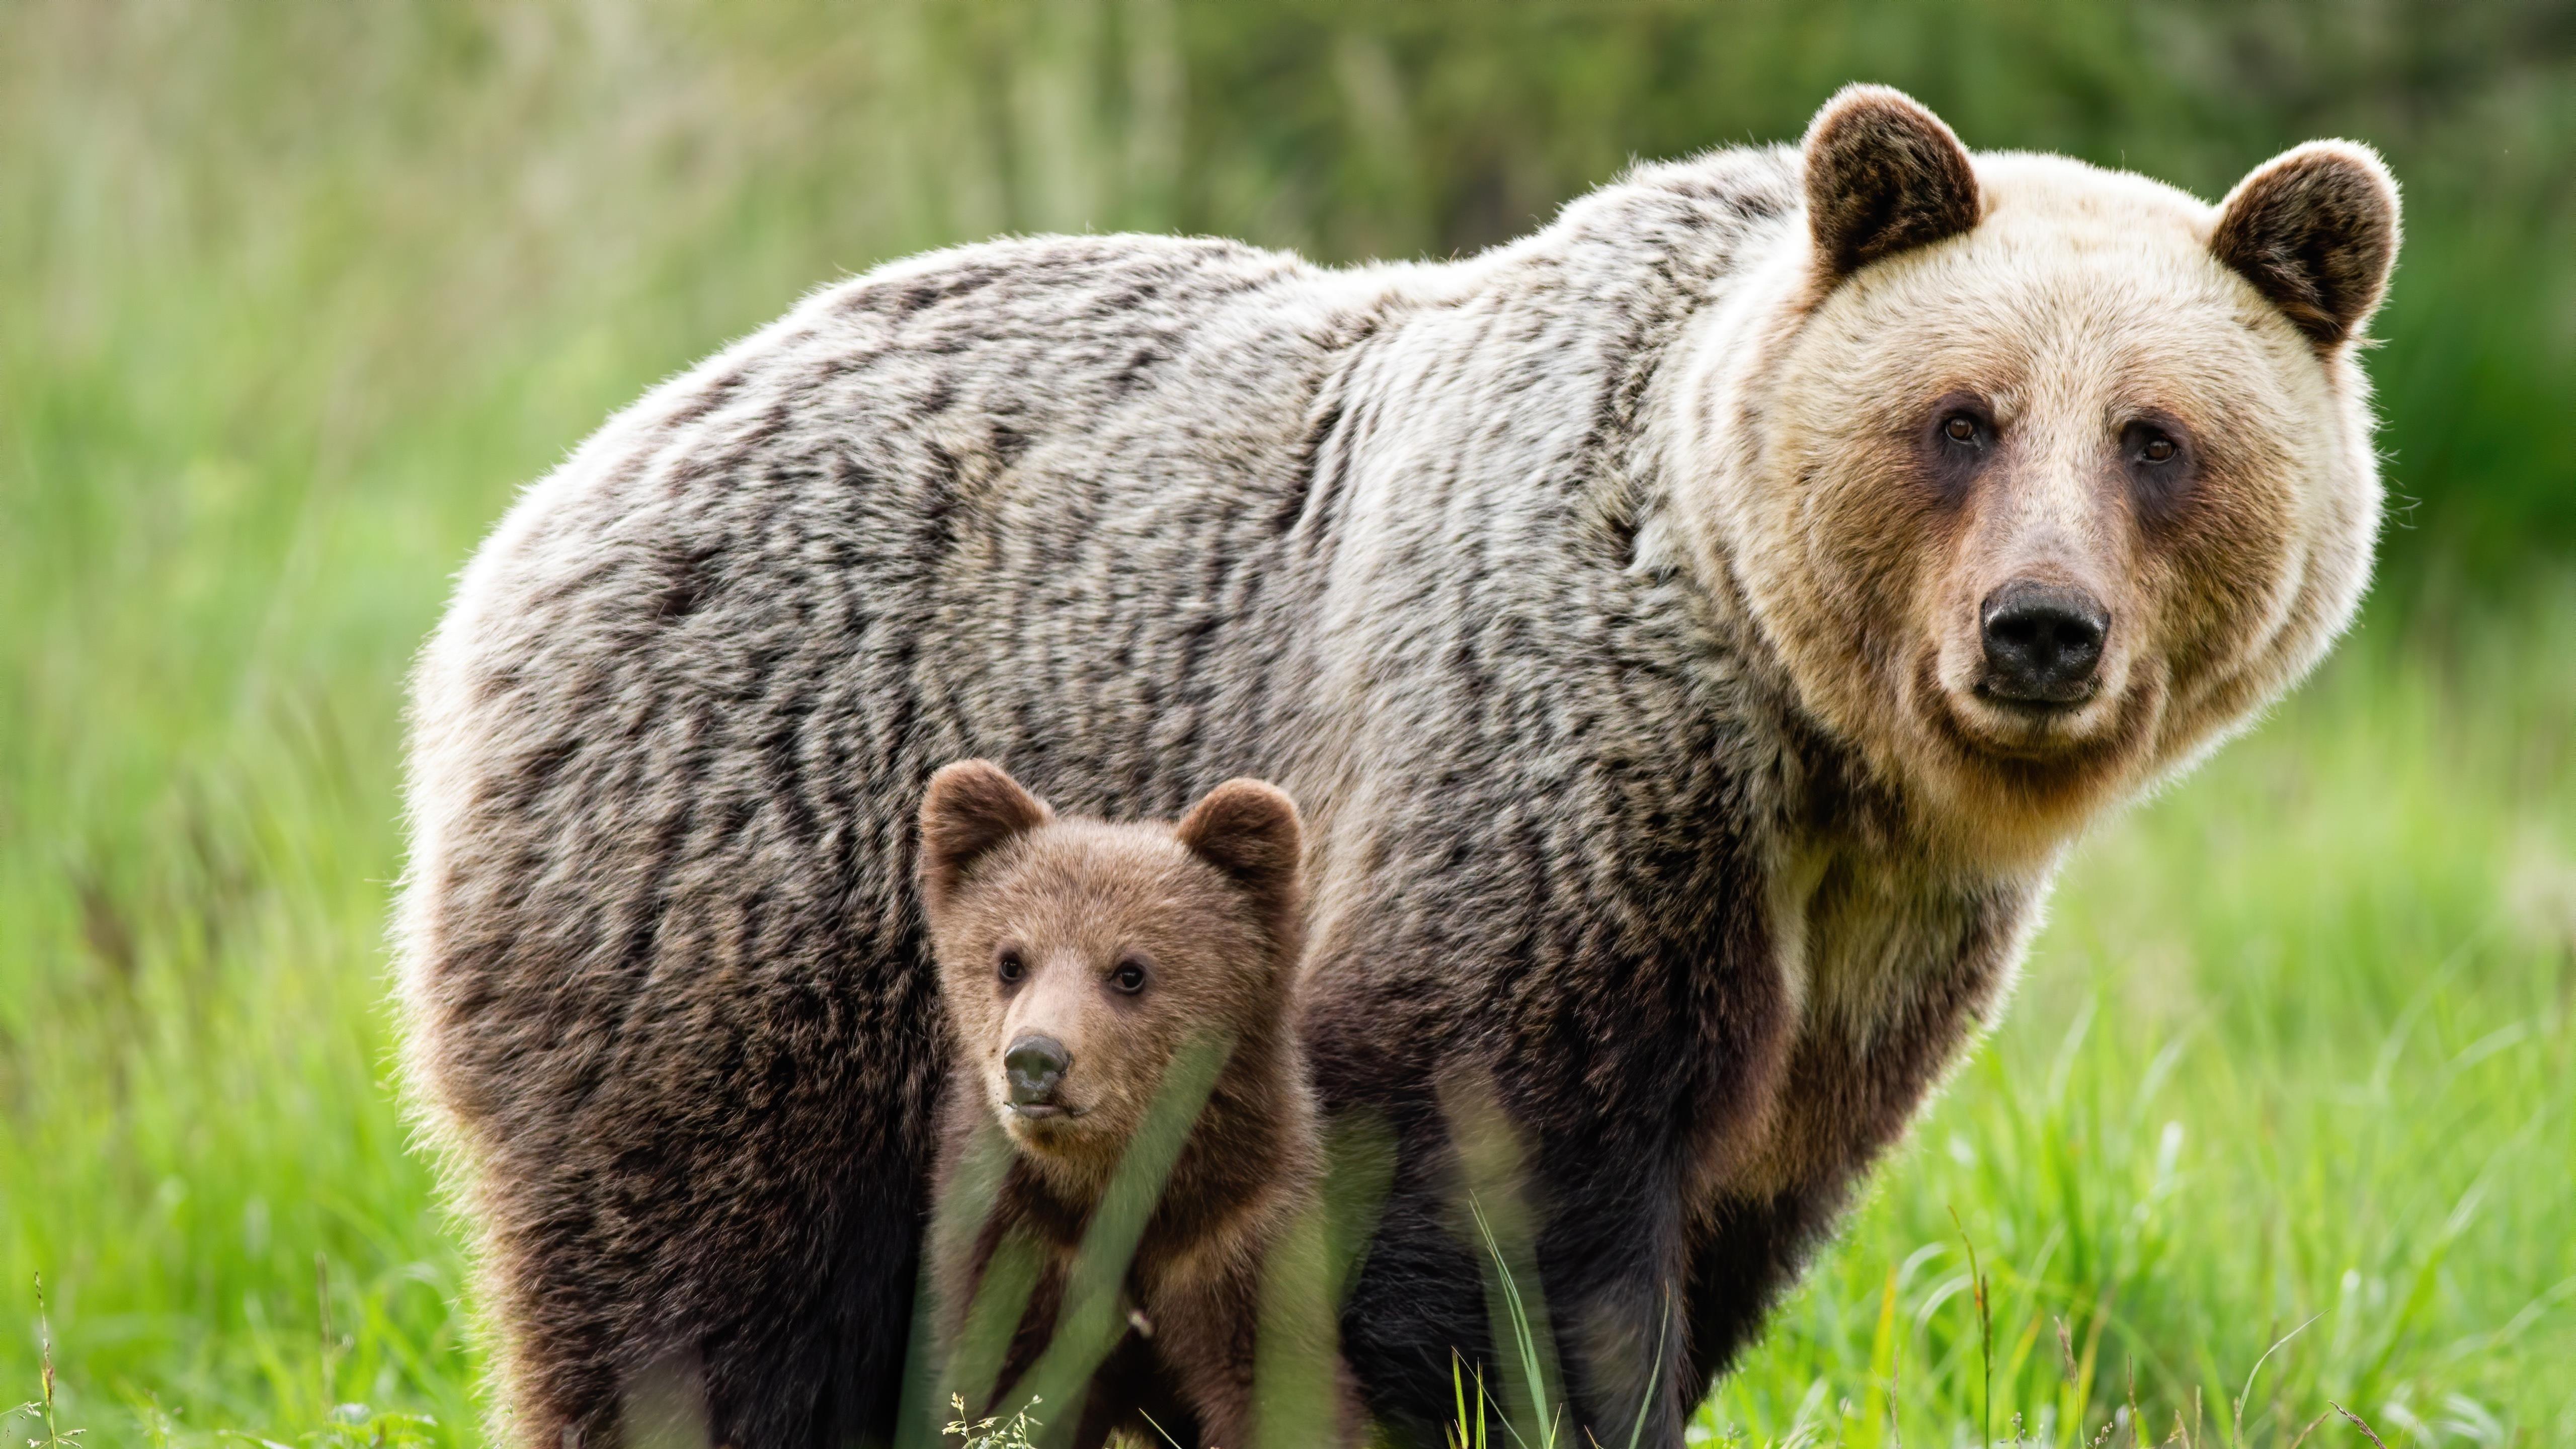 Животное медведь 5 животных обои скачать